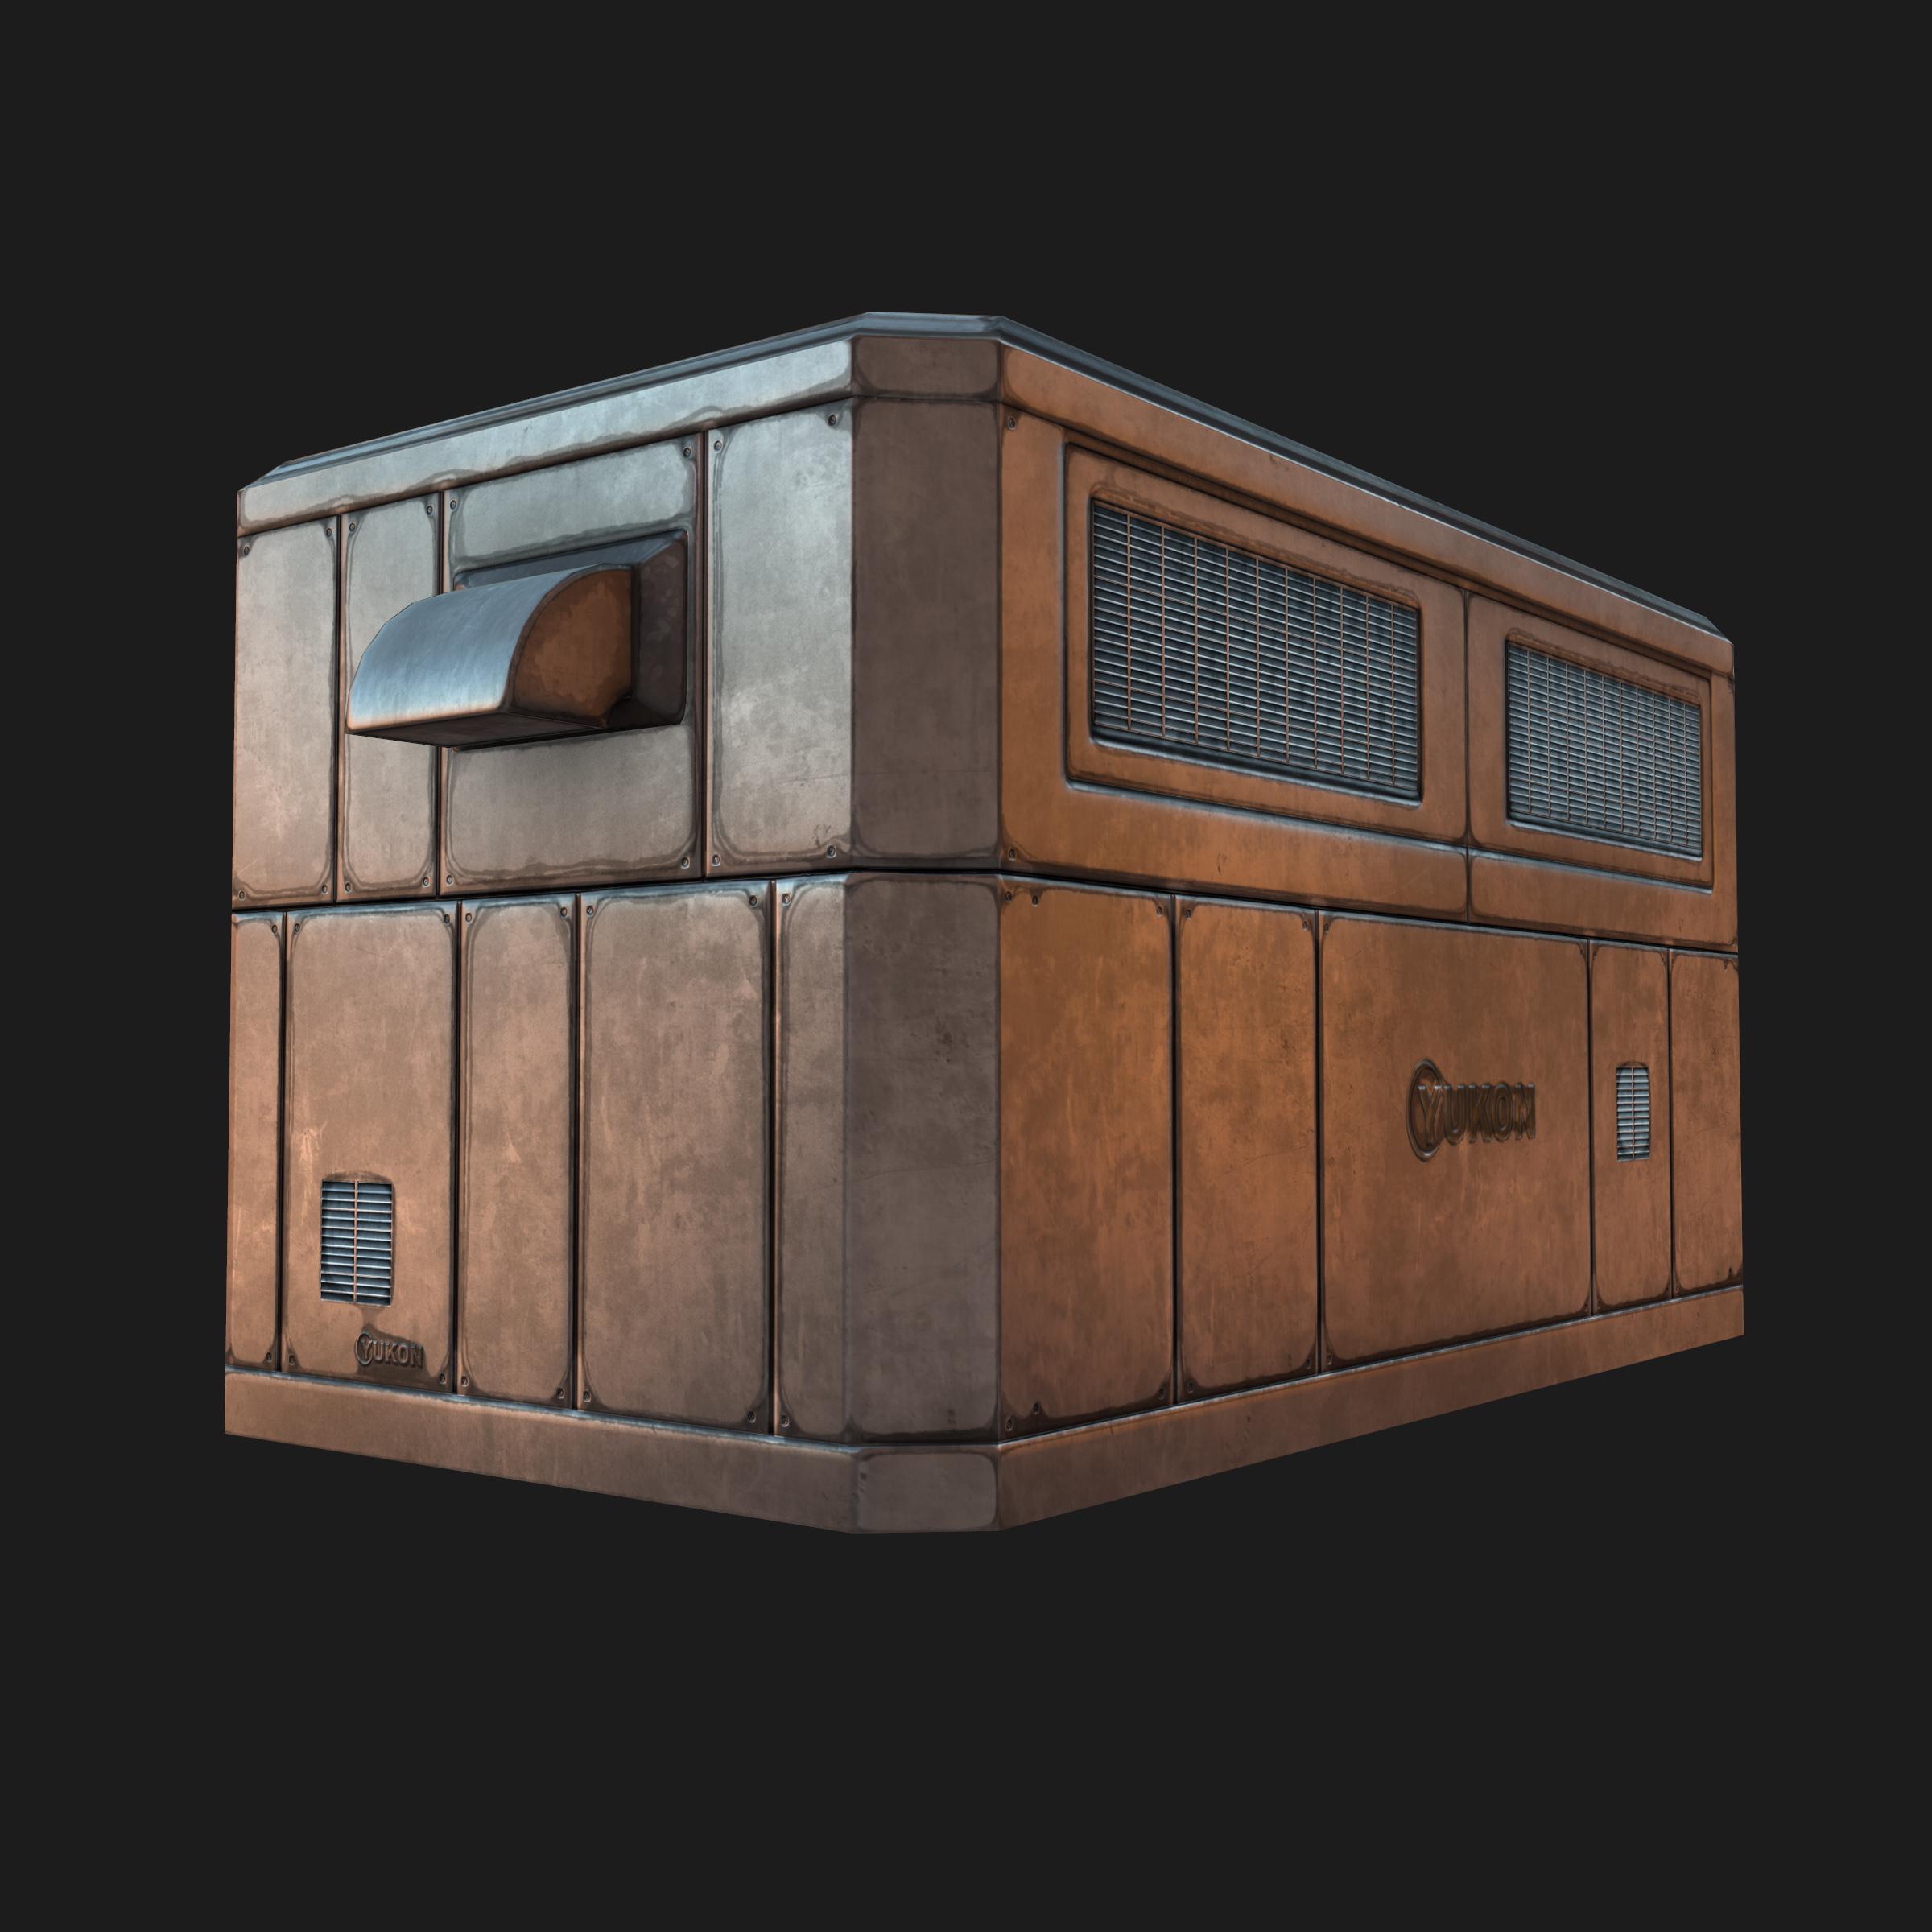 Marvelous Rooftop AC Unit